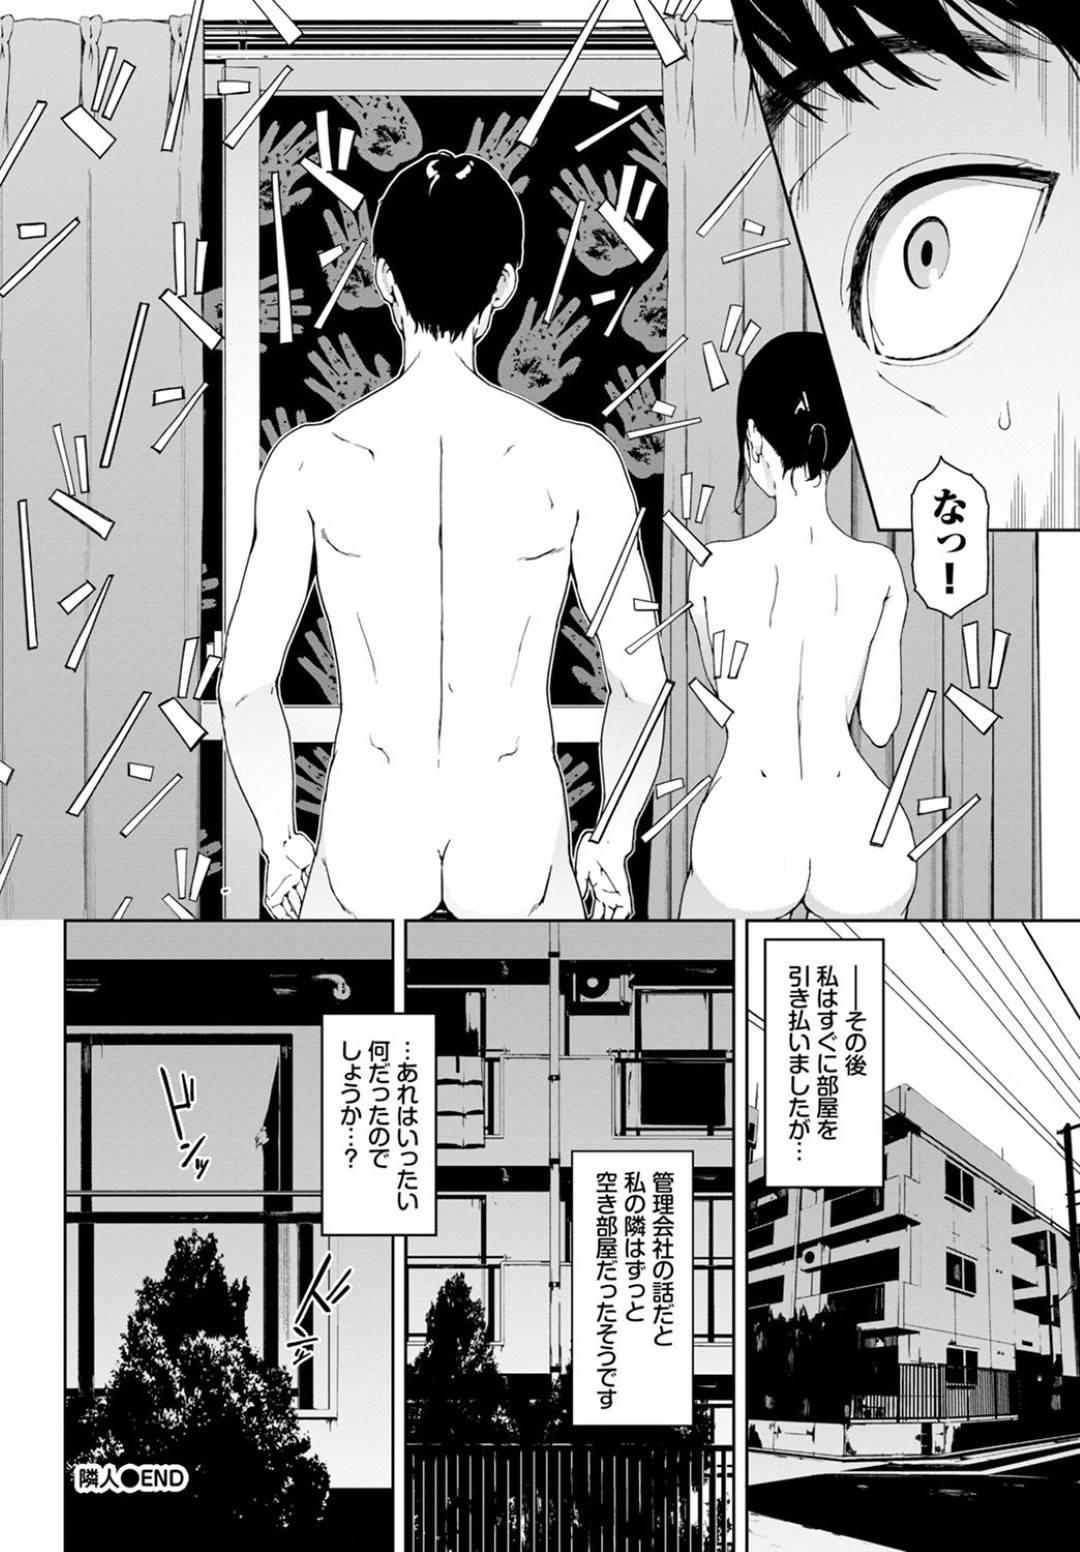 【エロ漫画】一人暮らしを始めたが隣の部屋の壁ドンがうるさくて悩むJD…彼氏が泊まりに来て隣人に聞こえるように立ちバックの生ハメ中出しセックスしてイキまくる!【岩崎ユウキ:隣人】